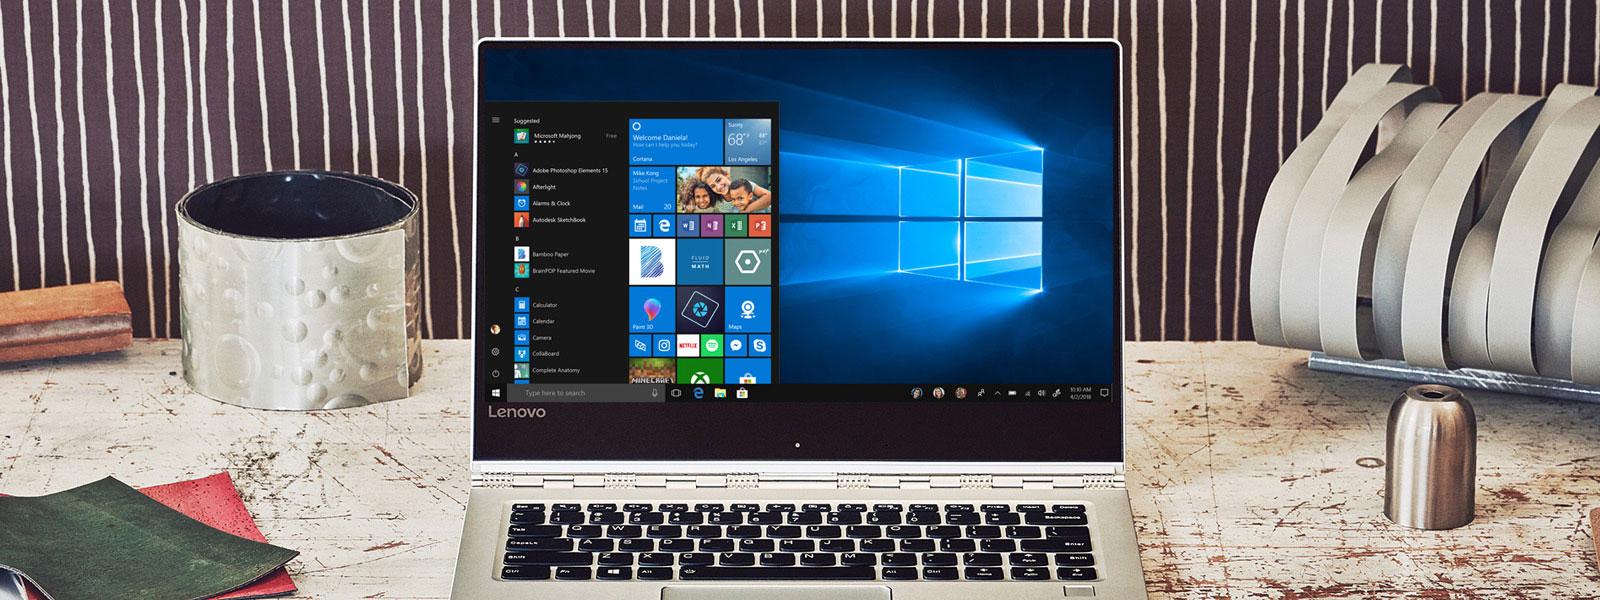 Ноутбук стоїть на столі. Відображається початковий екран Windows 10